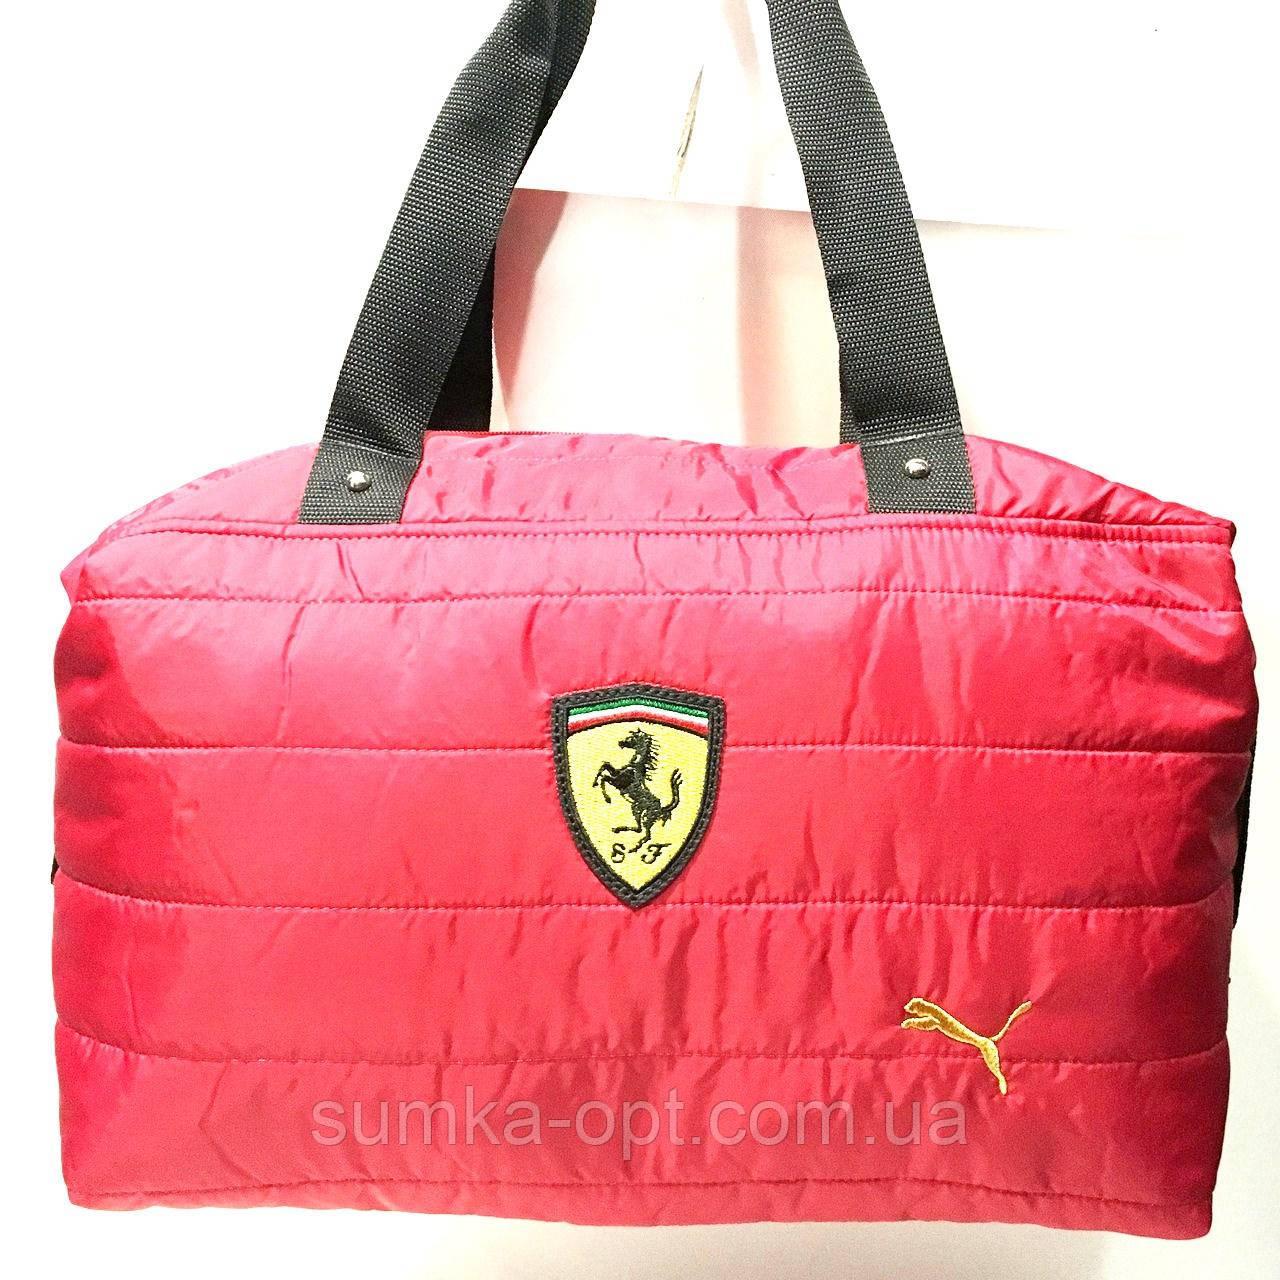 Брендовые спортивные сумки Ferrari+Puma (красный)28*39см